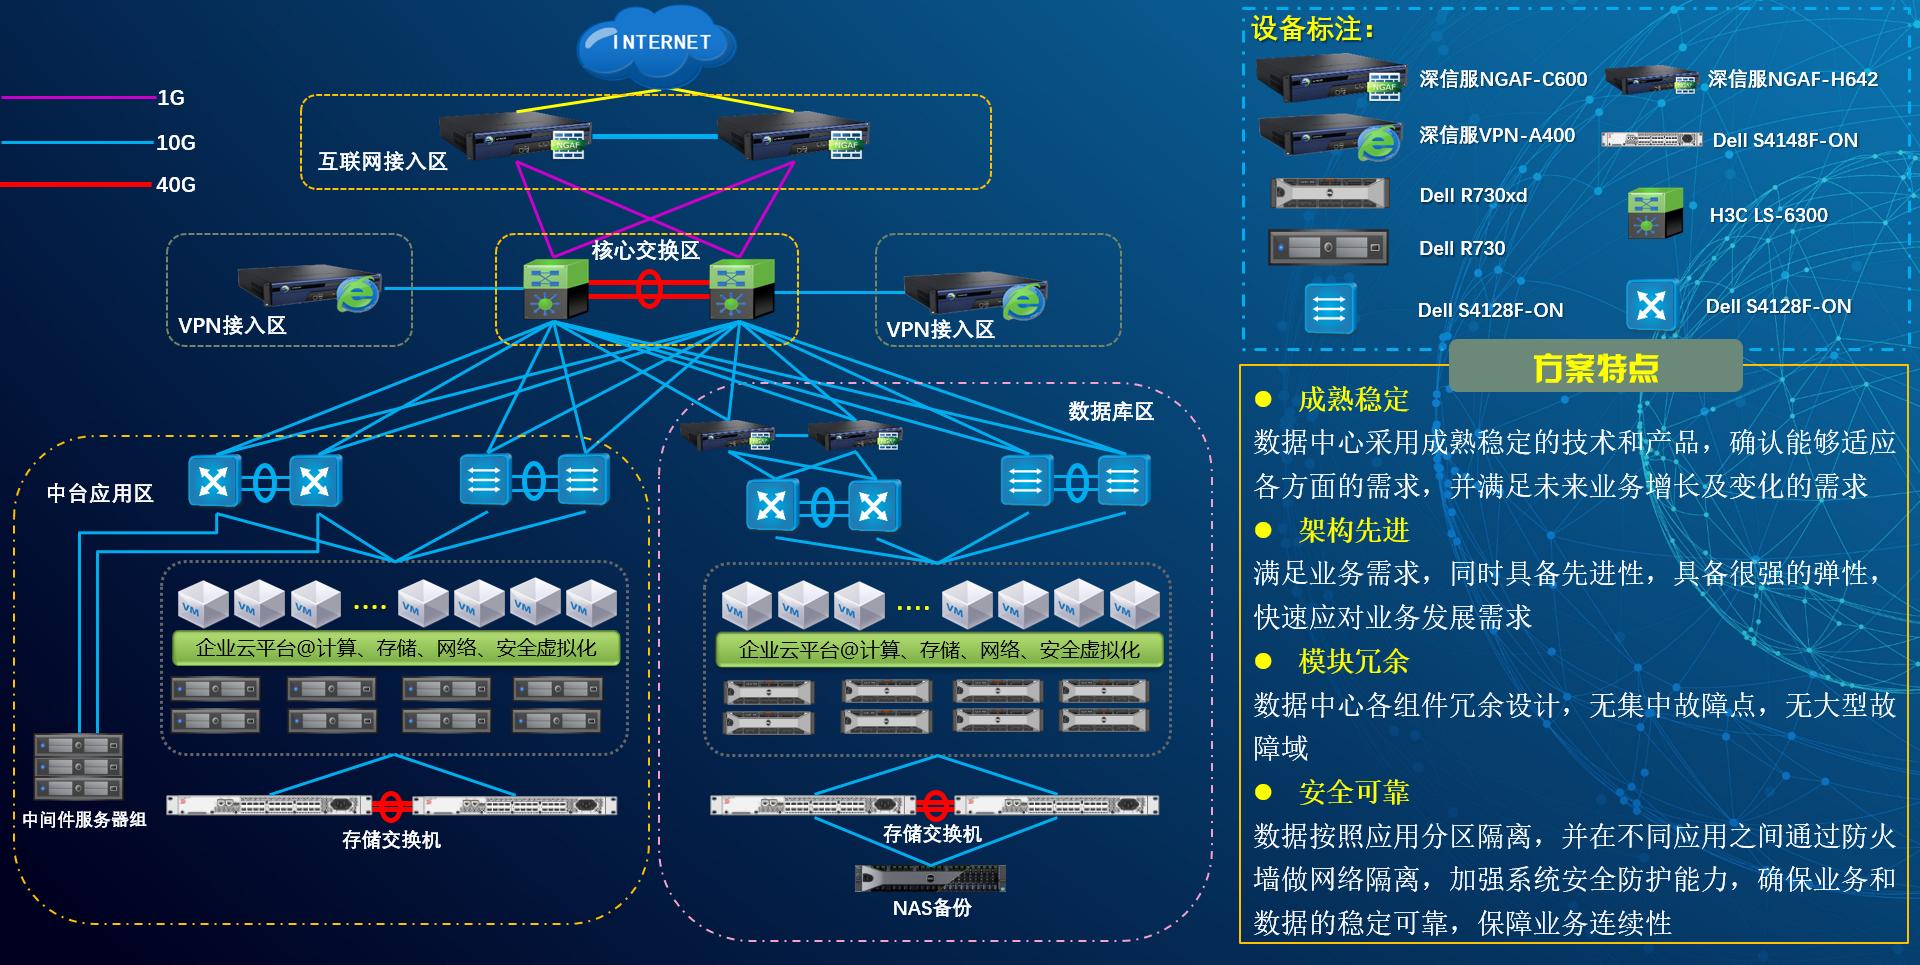 系统集成|解决方案|SDDC|超融合|私有云|网络安全